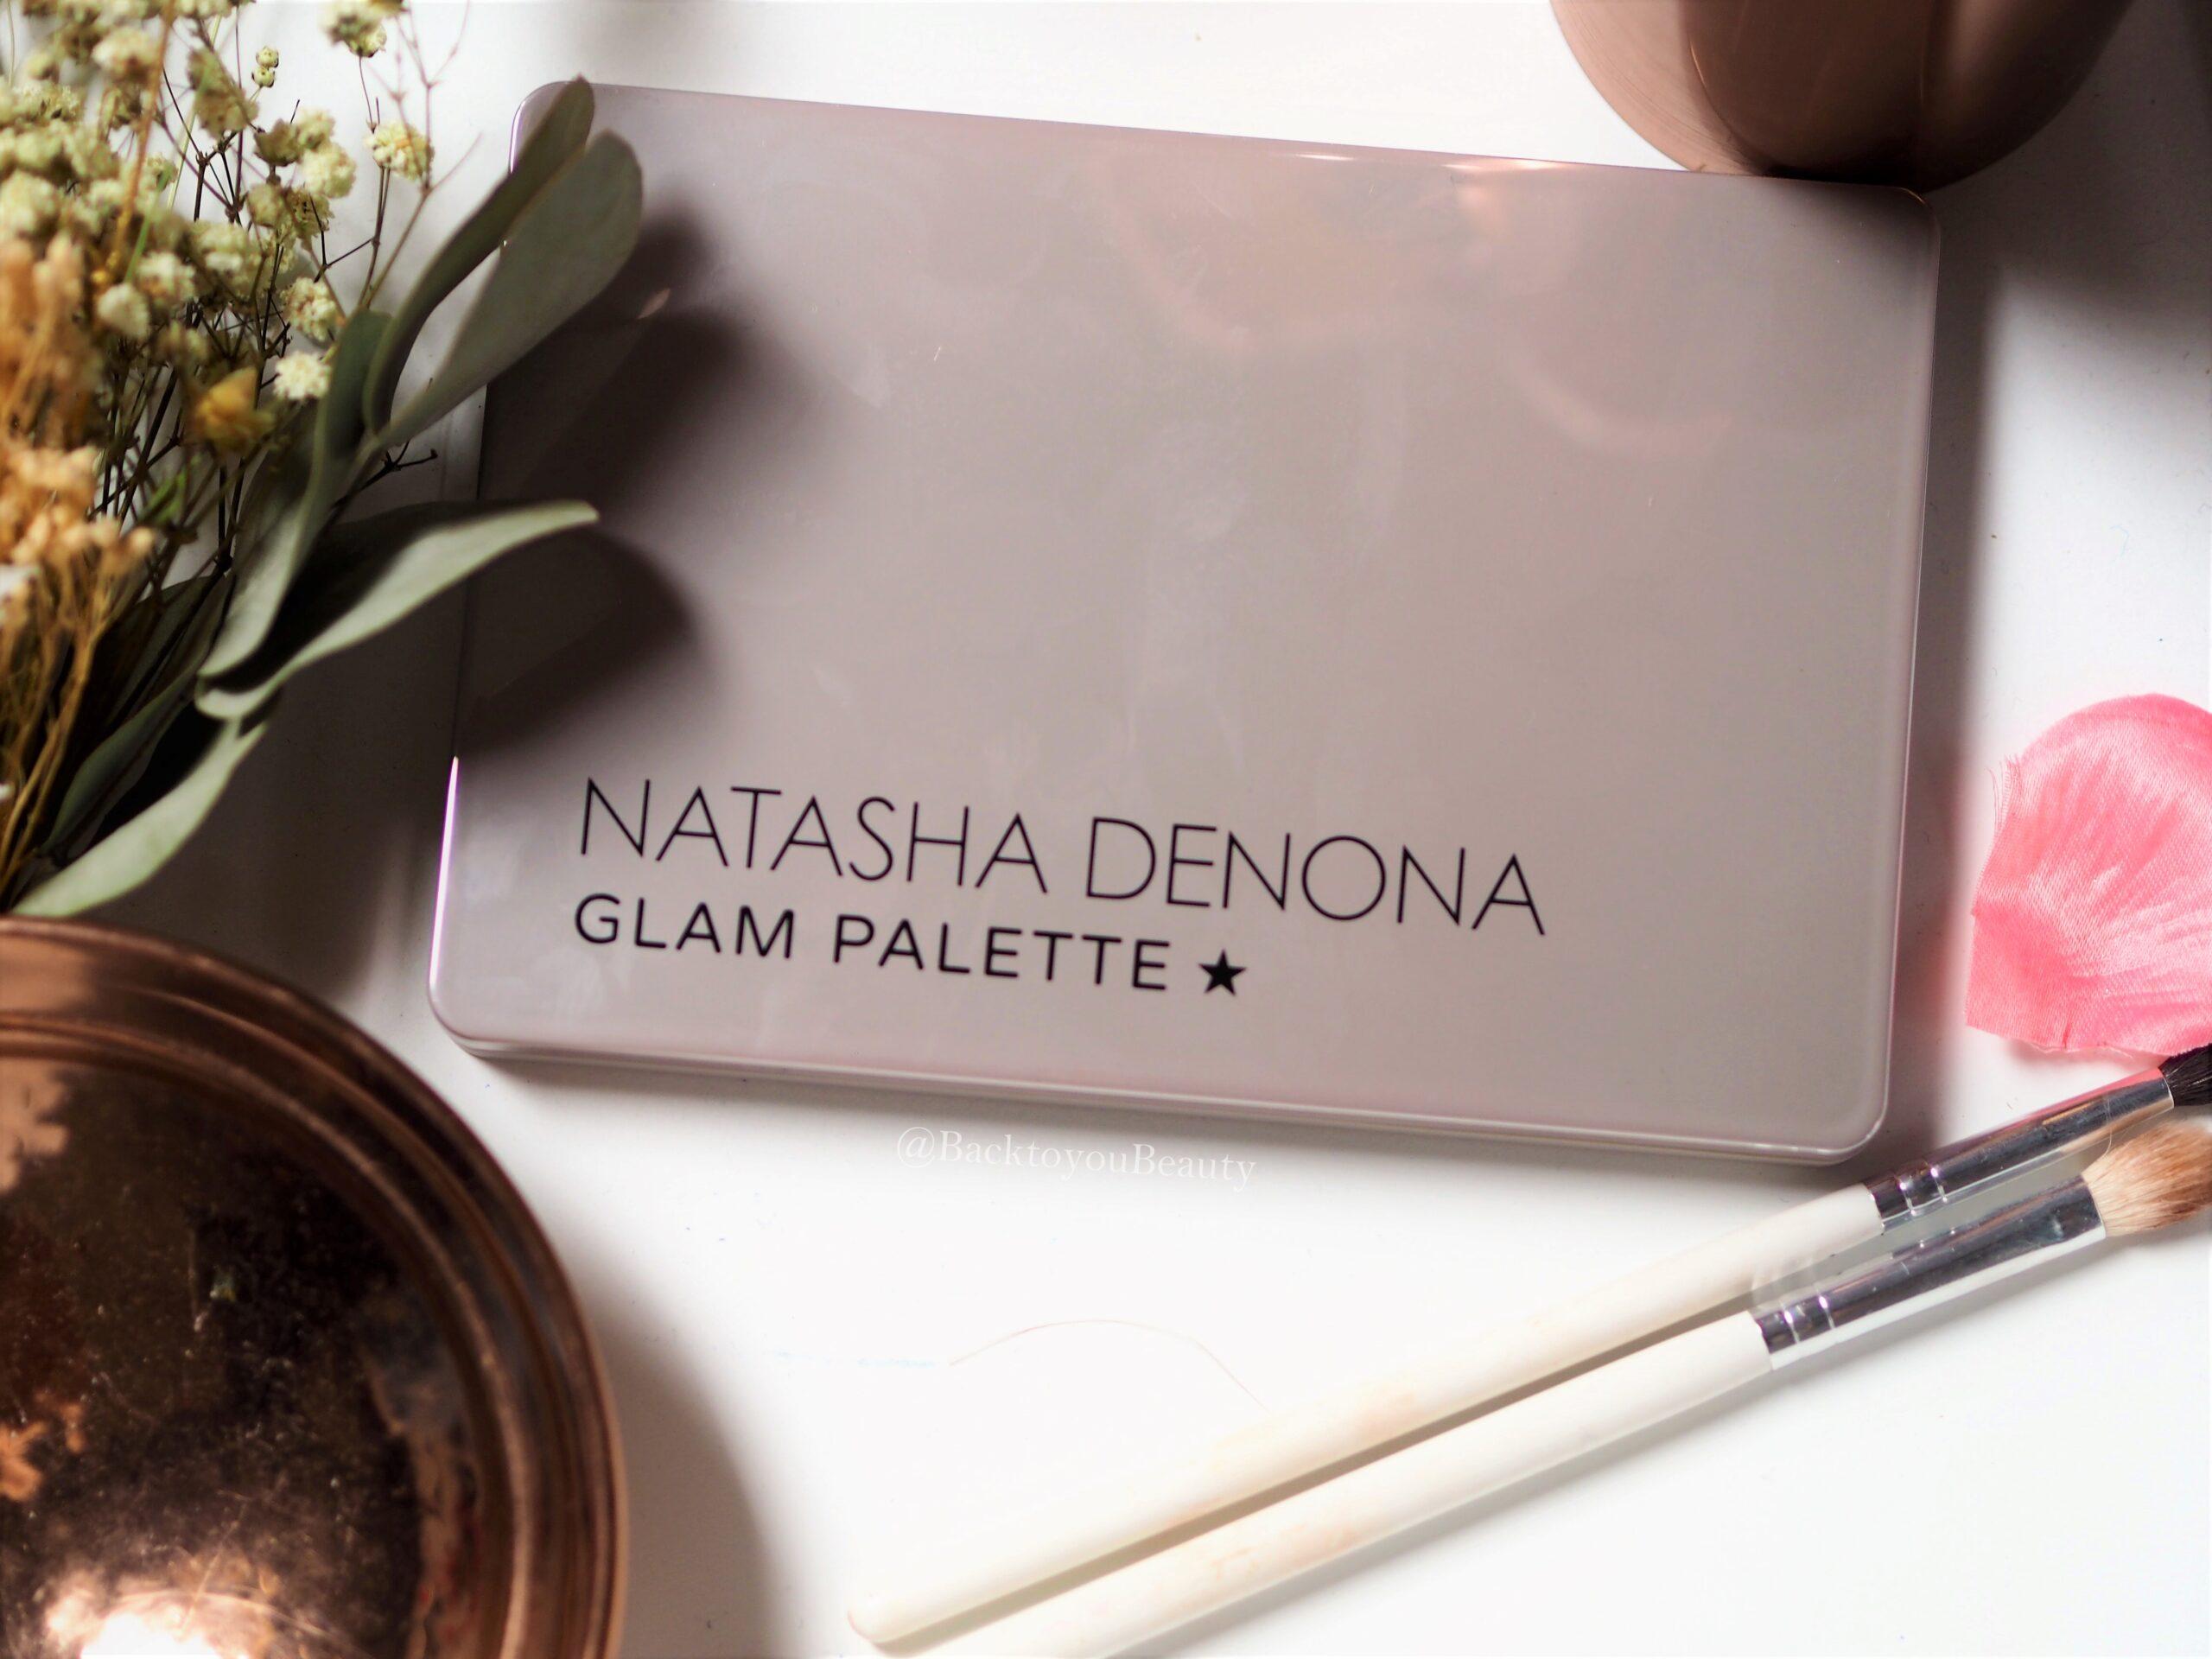 Natasha denona Glam Palette packaging